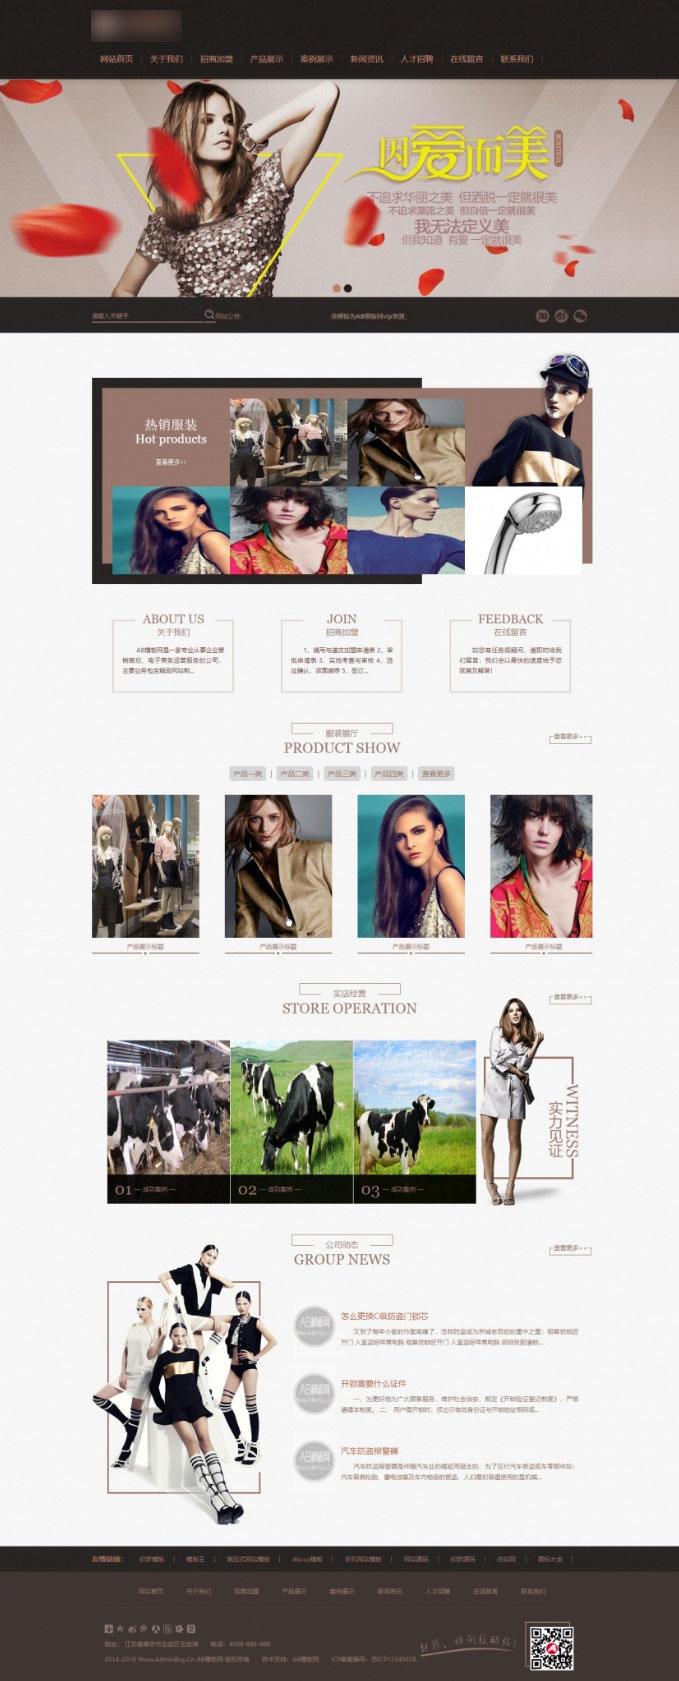 织梦dedecms女装服饰服装展示公司网站模板(带手机移动端)